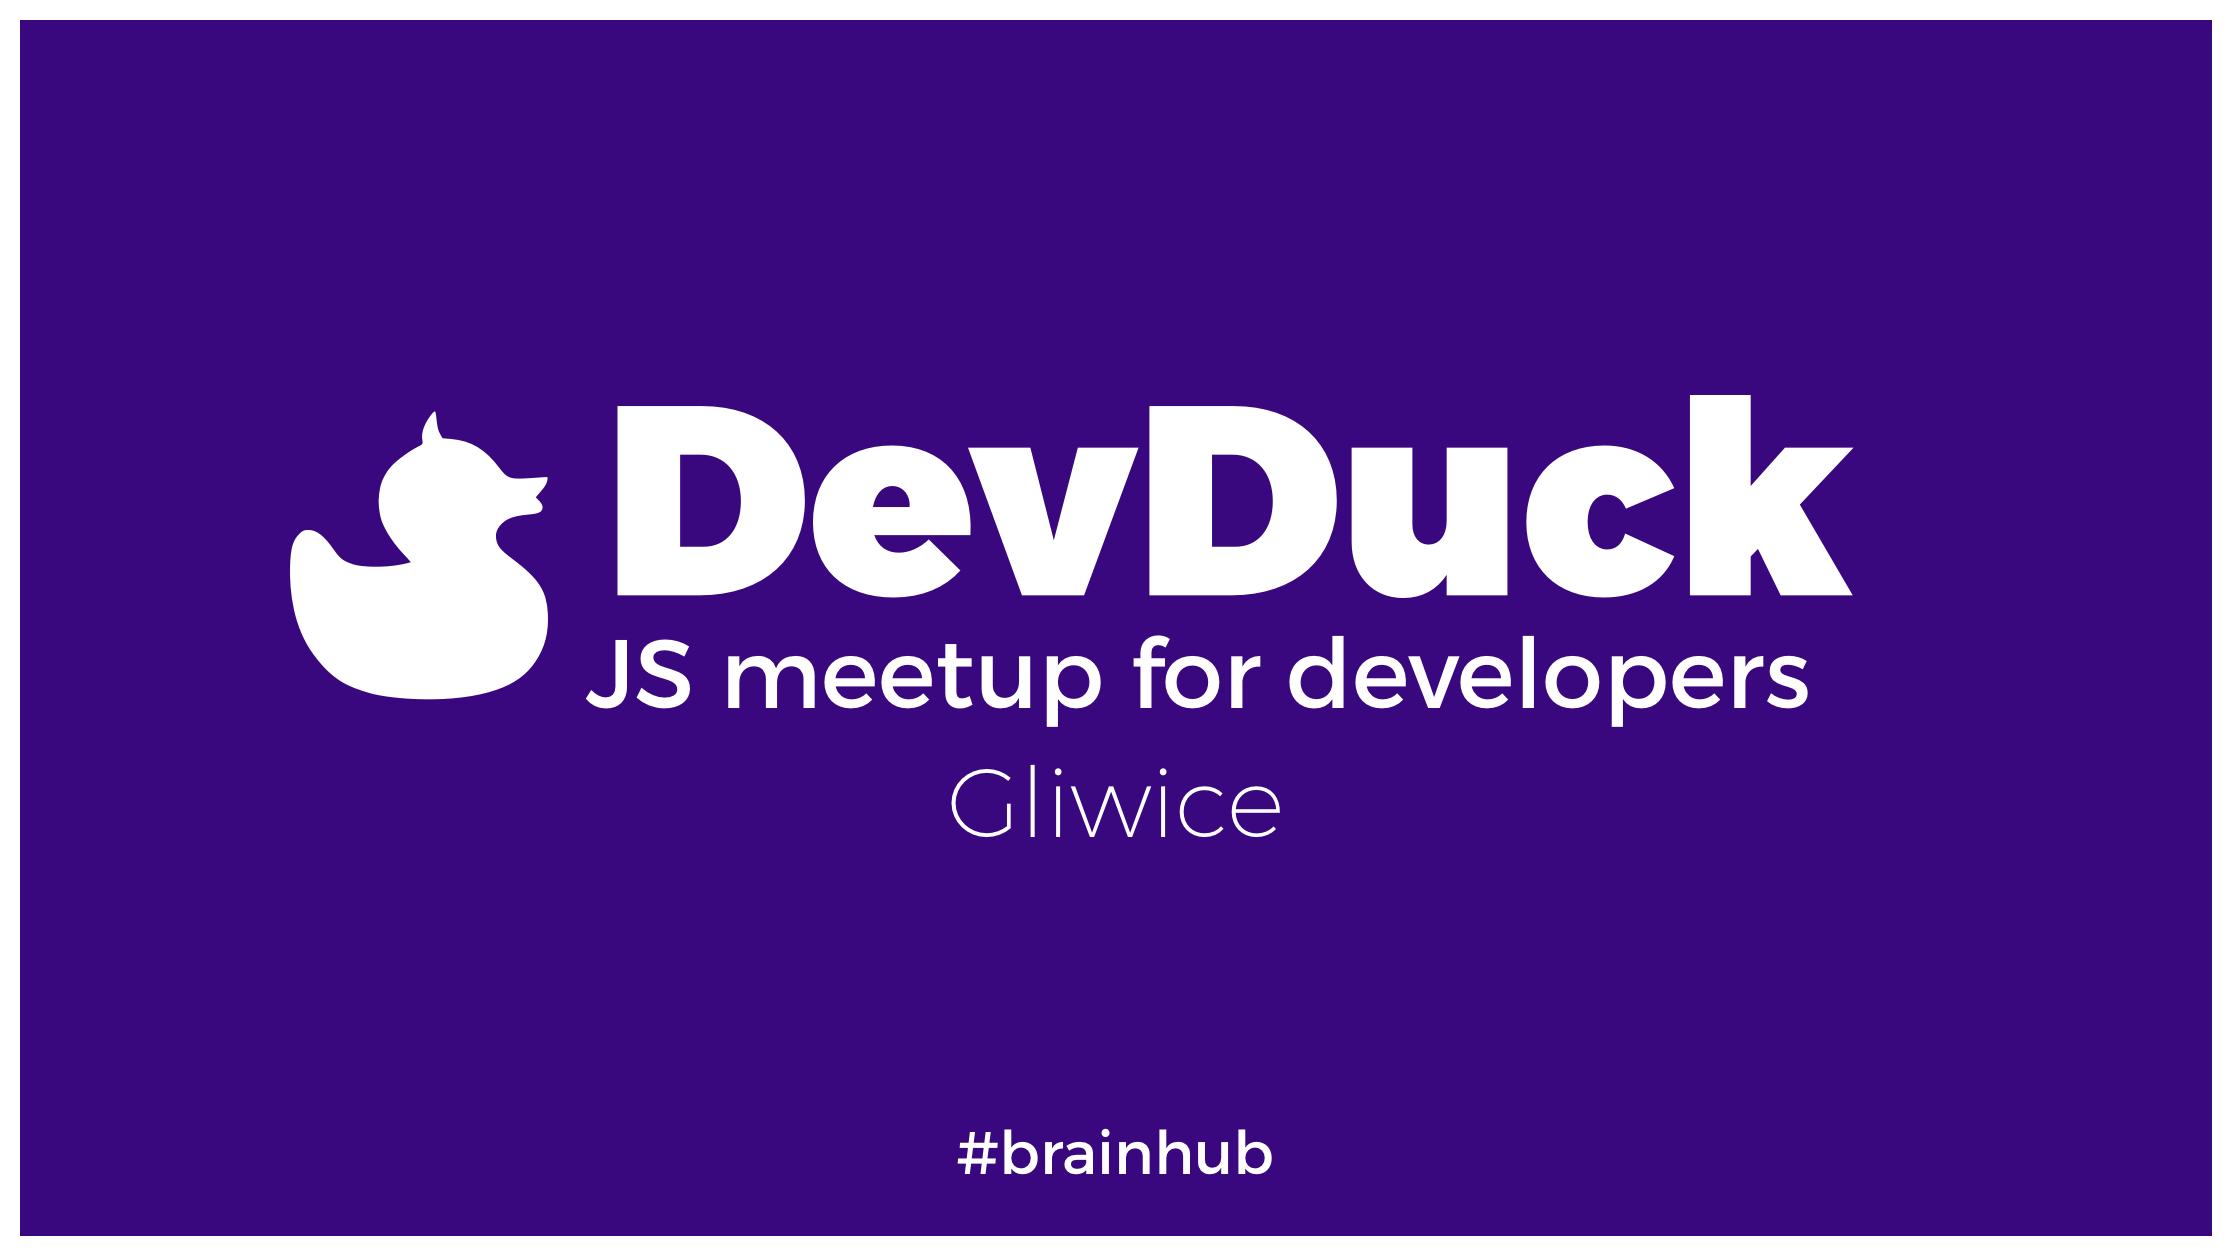 DevDuck Gliwice